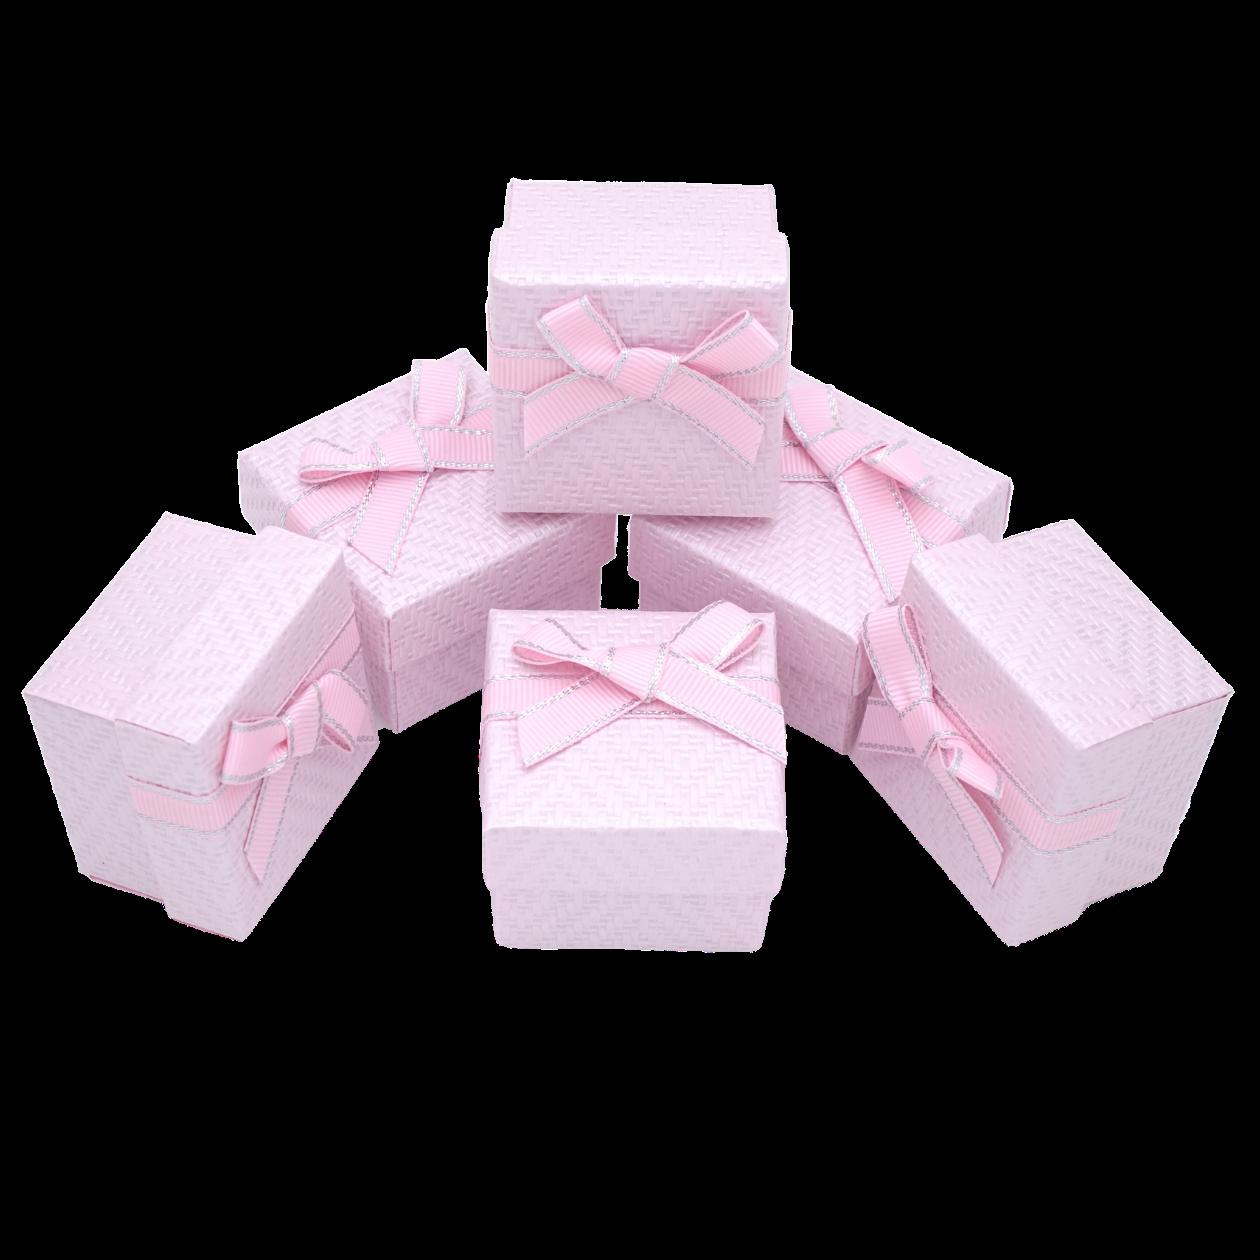 Подарочные коробки 50x50x35 Ксюпинг 🎁